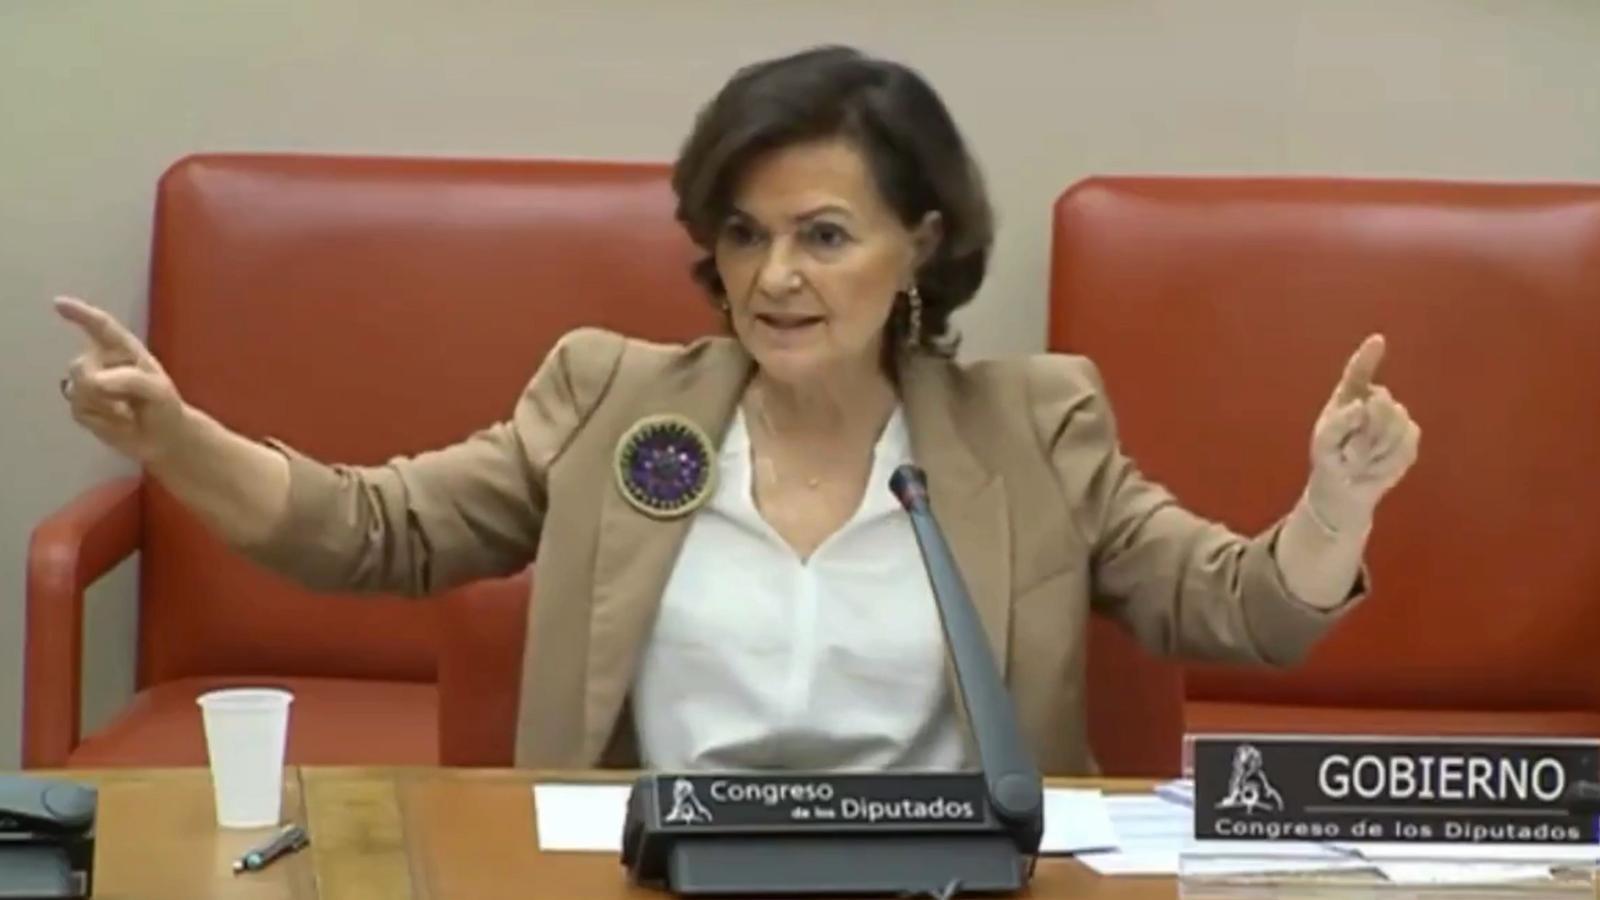 L'anàlisi d'Antoni Bassas: «Carmen Calvo i el 'problemón del demonio'»